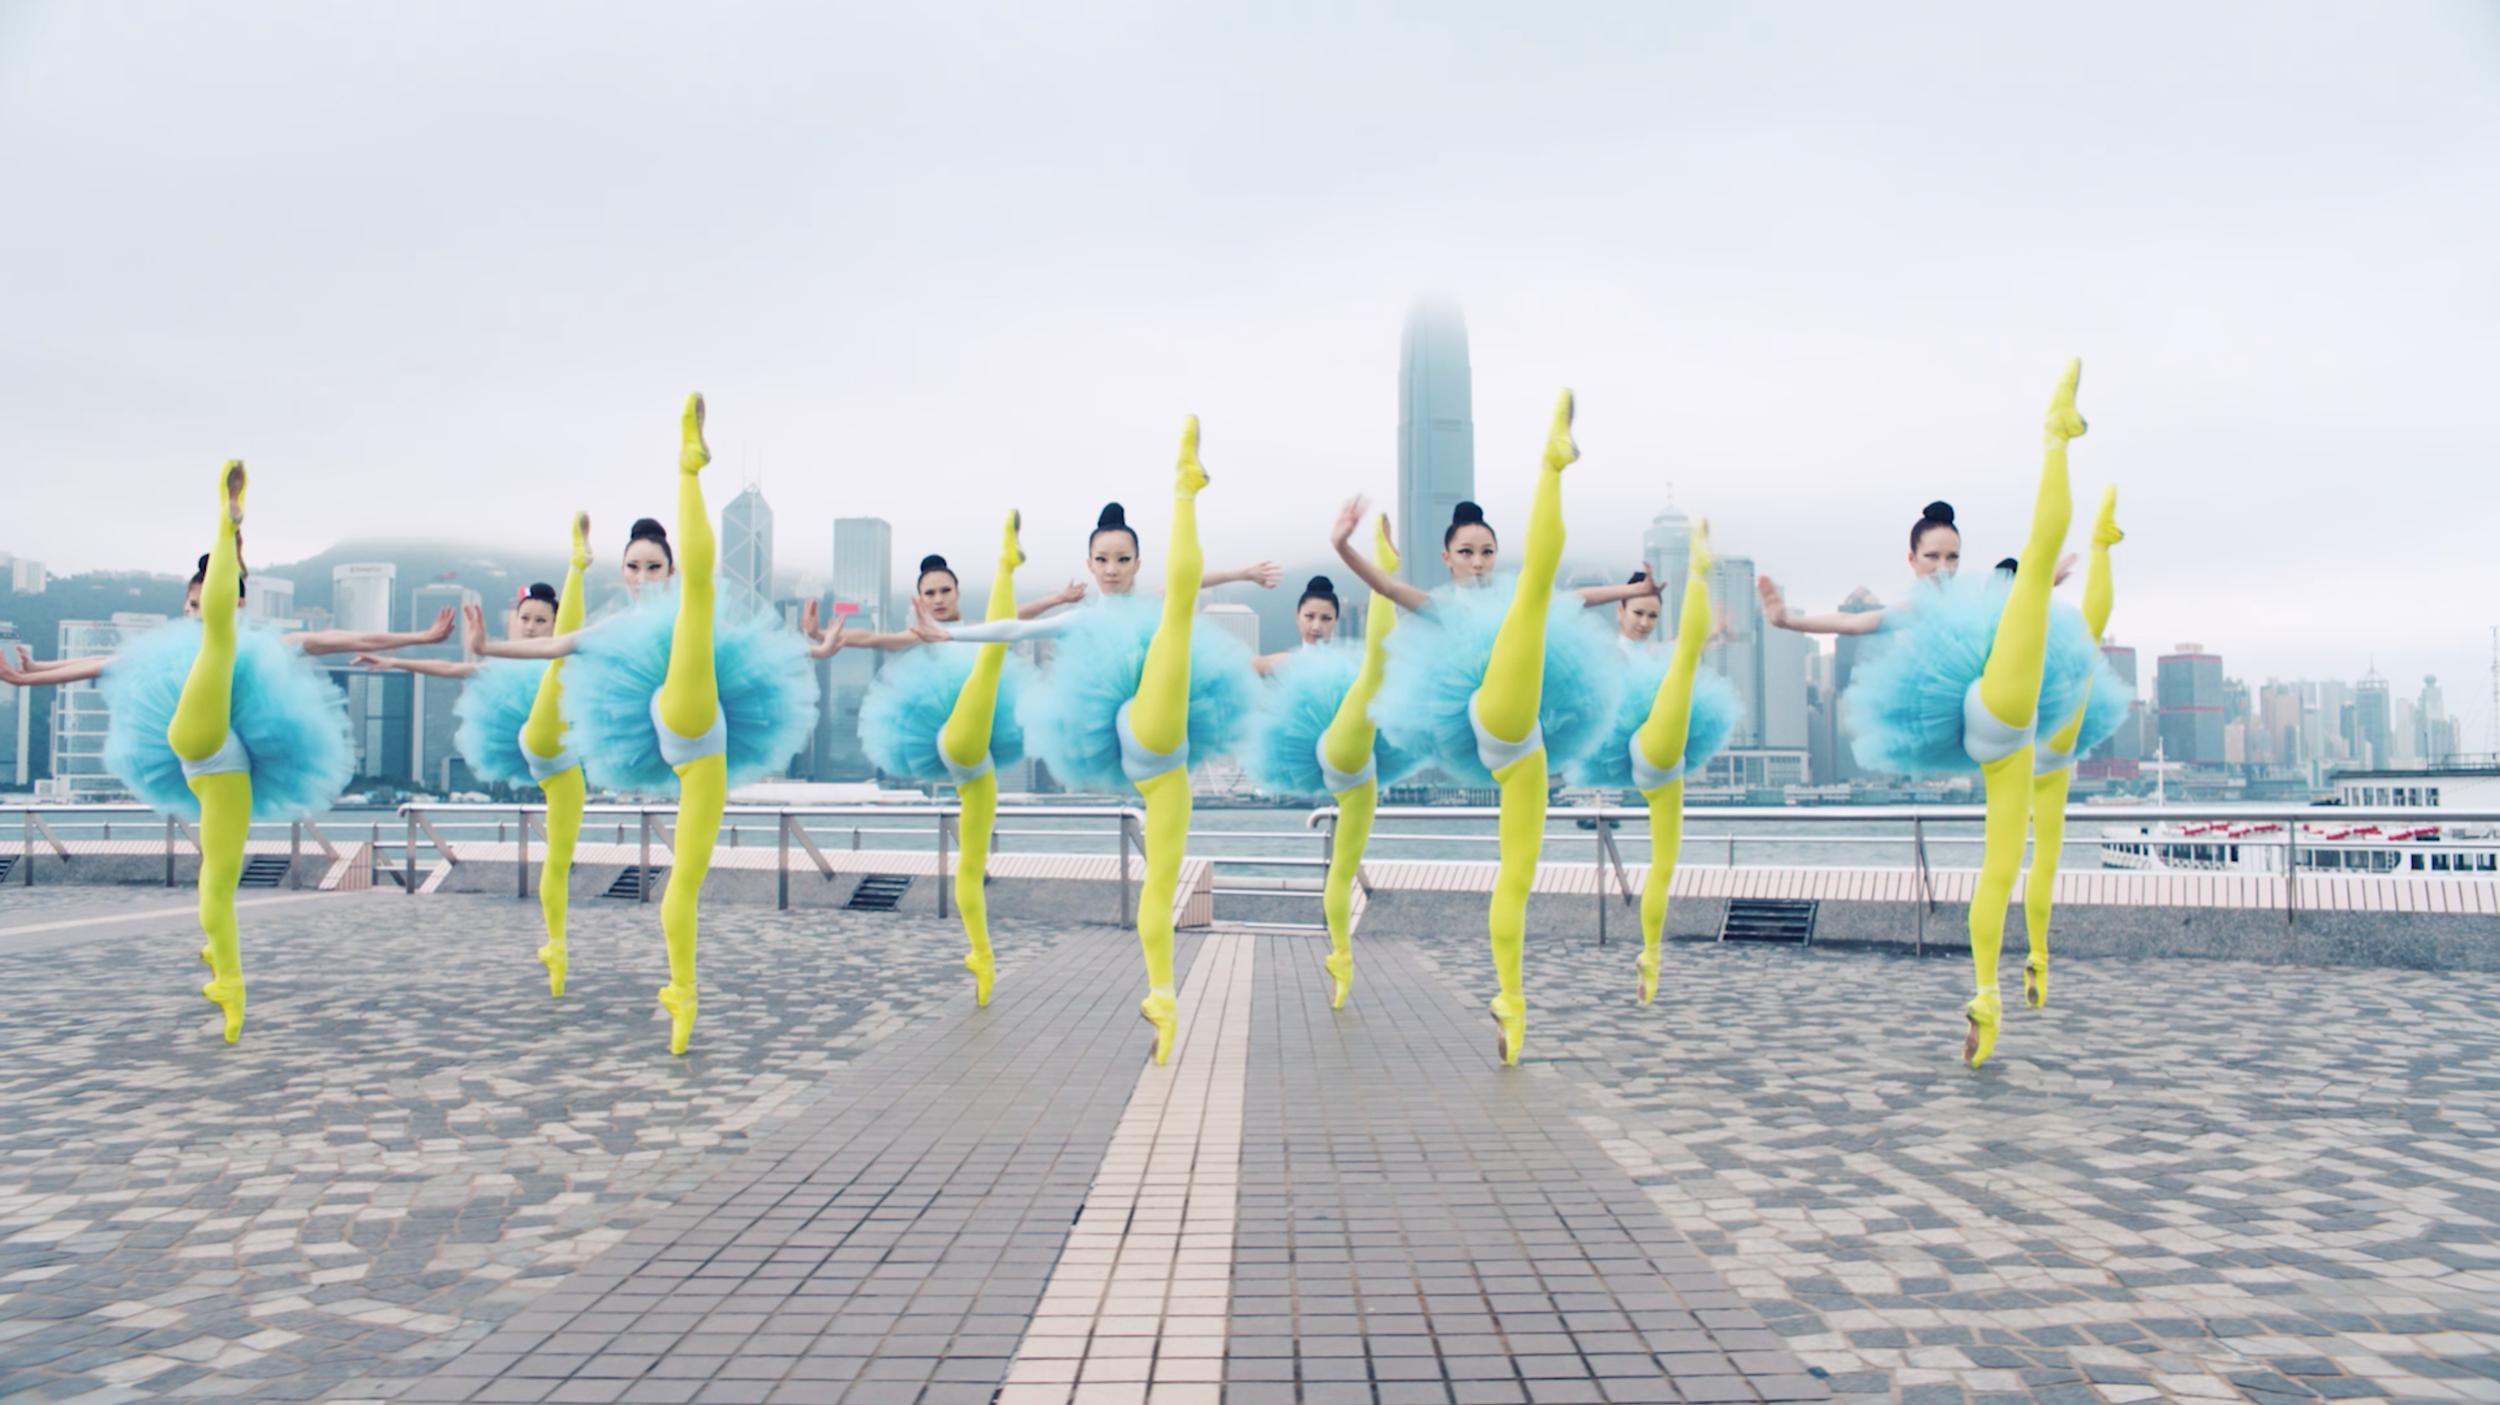 Hong Kong Ballet 40th anniversary campaign